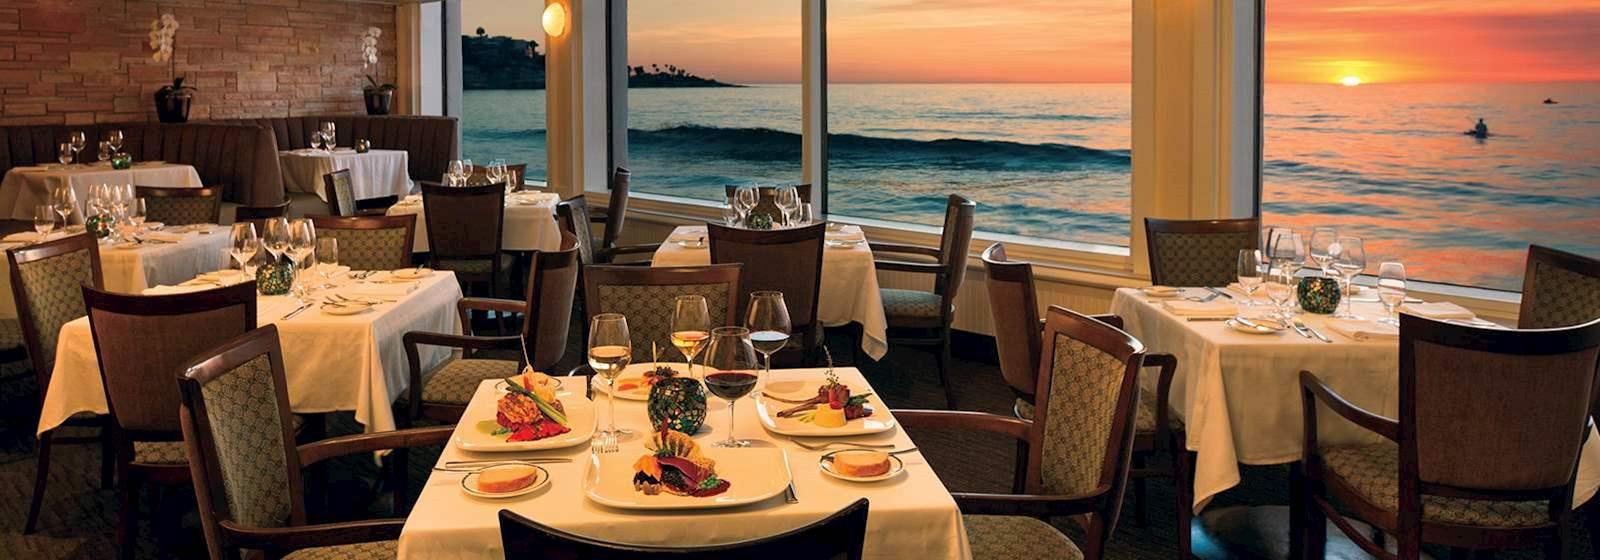 Press Room Of the Marine Room Restaurant In La Jolla top